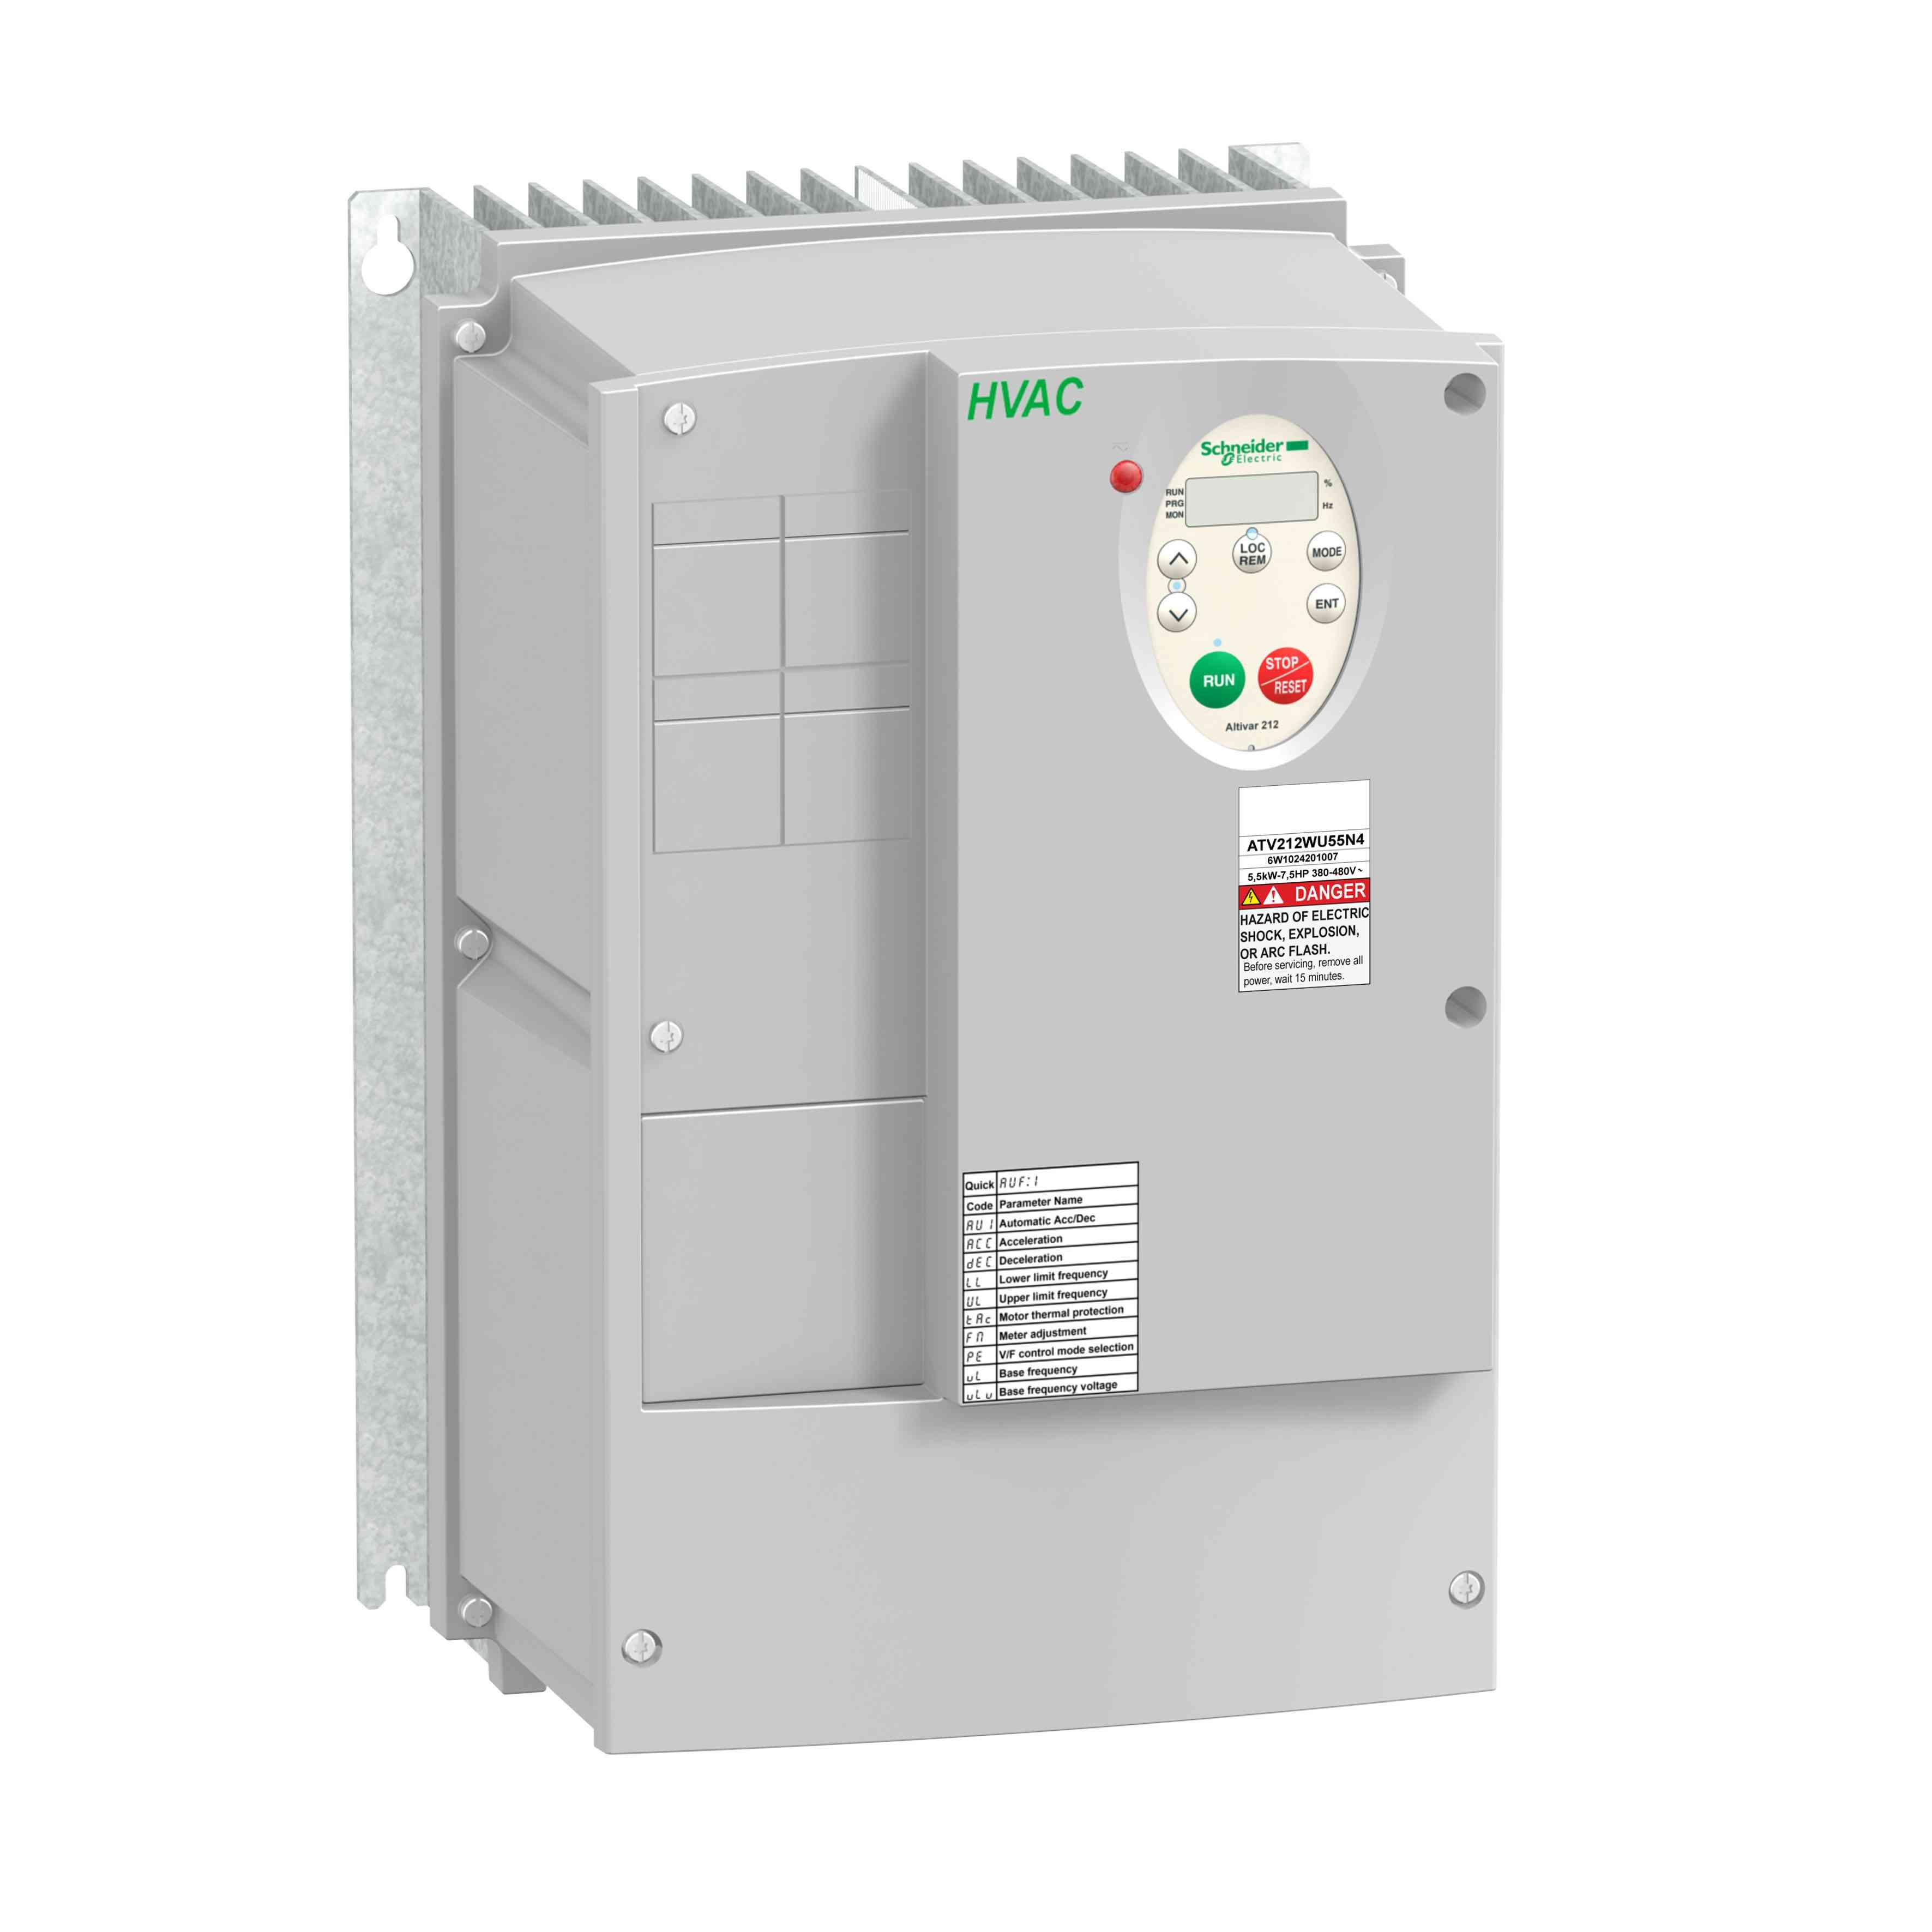 Pogon s sprem. hitr. ATV212 - 3 kW - 480 V - 3 f. - EMC razred C1 - IP55